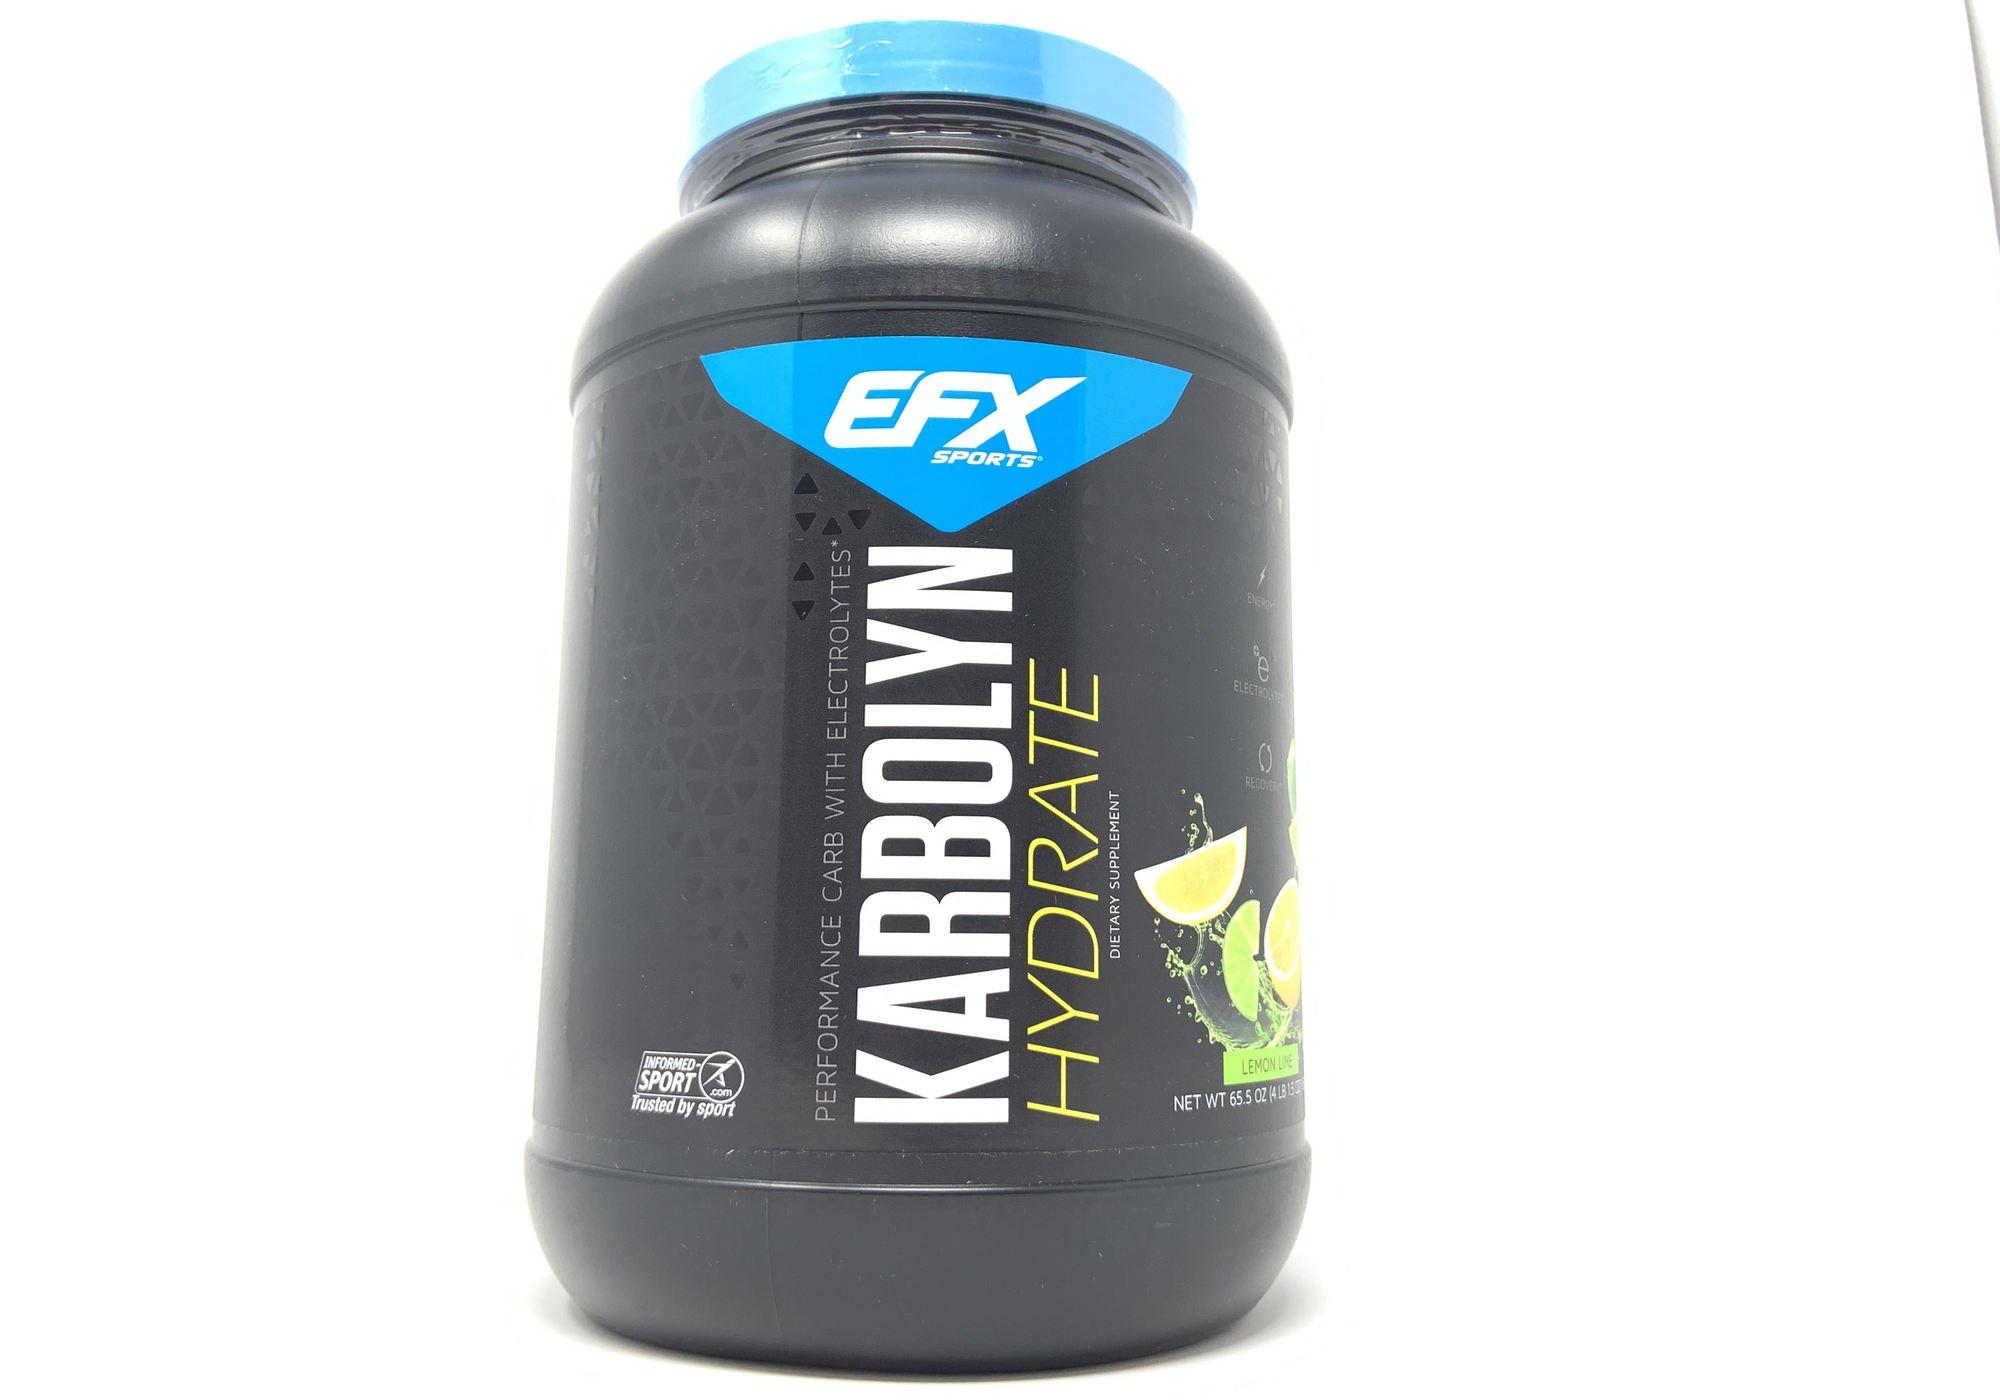 EFX: Karbolyn Hydrate